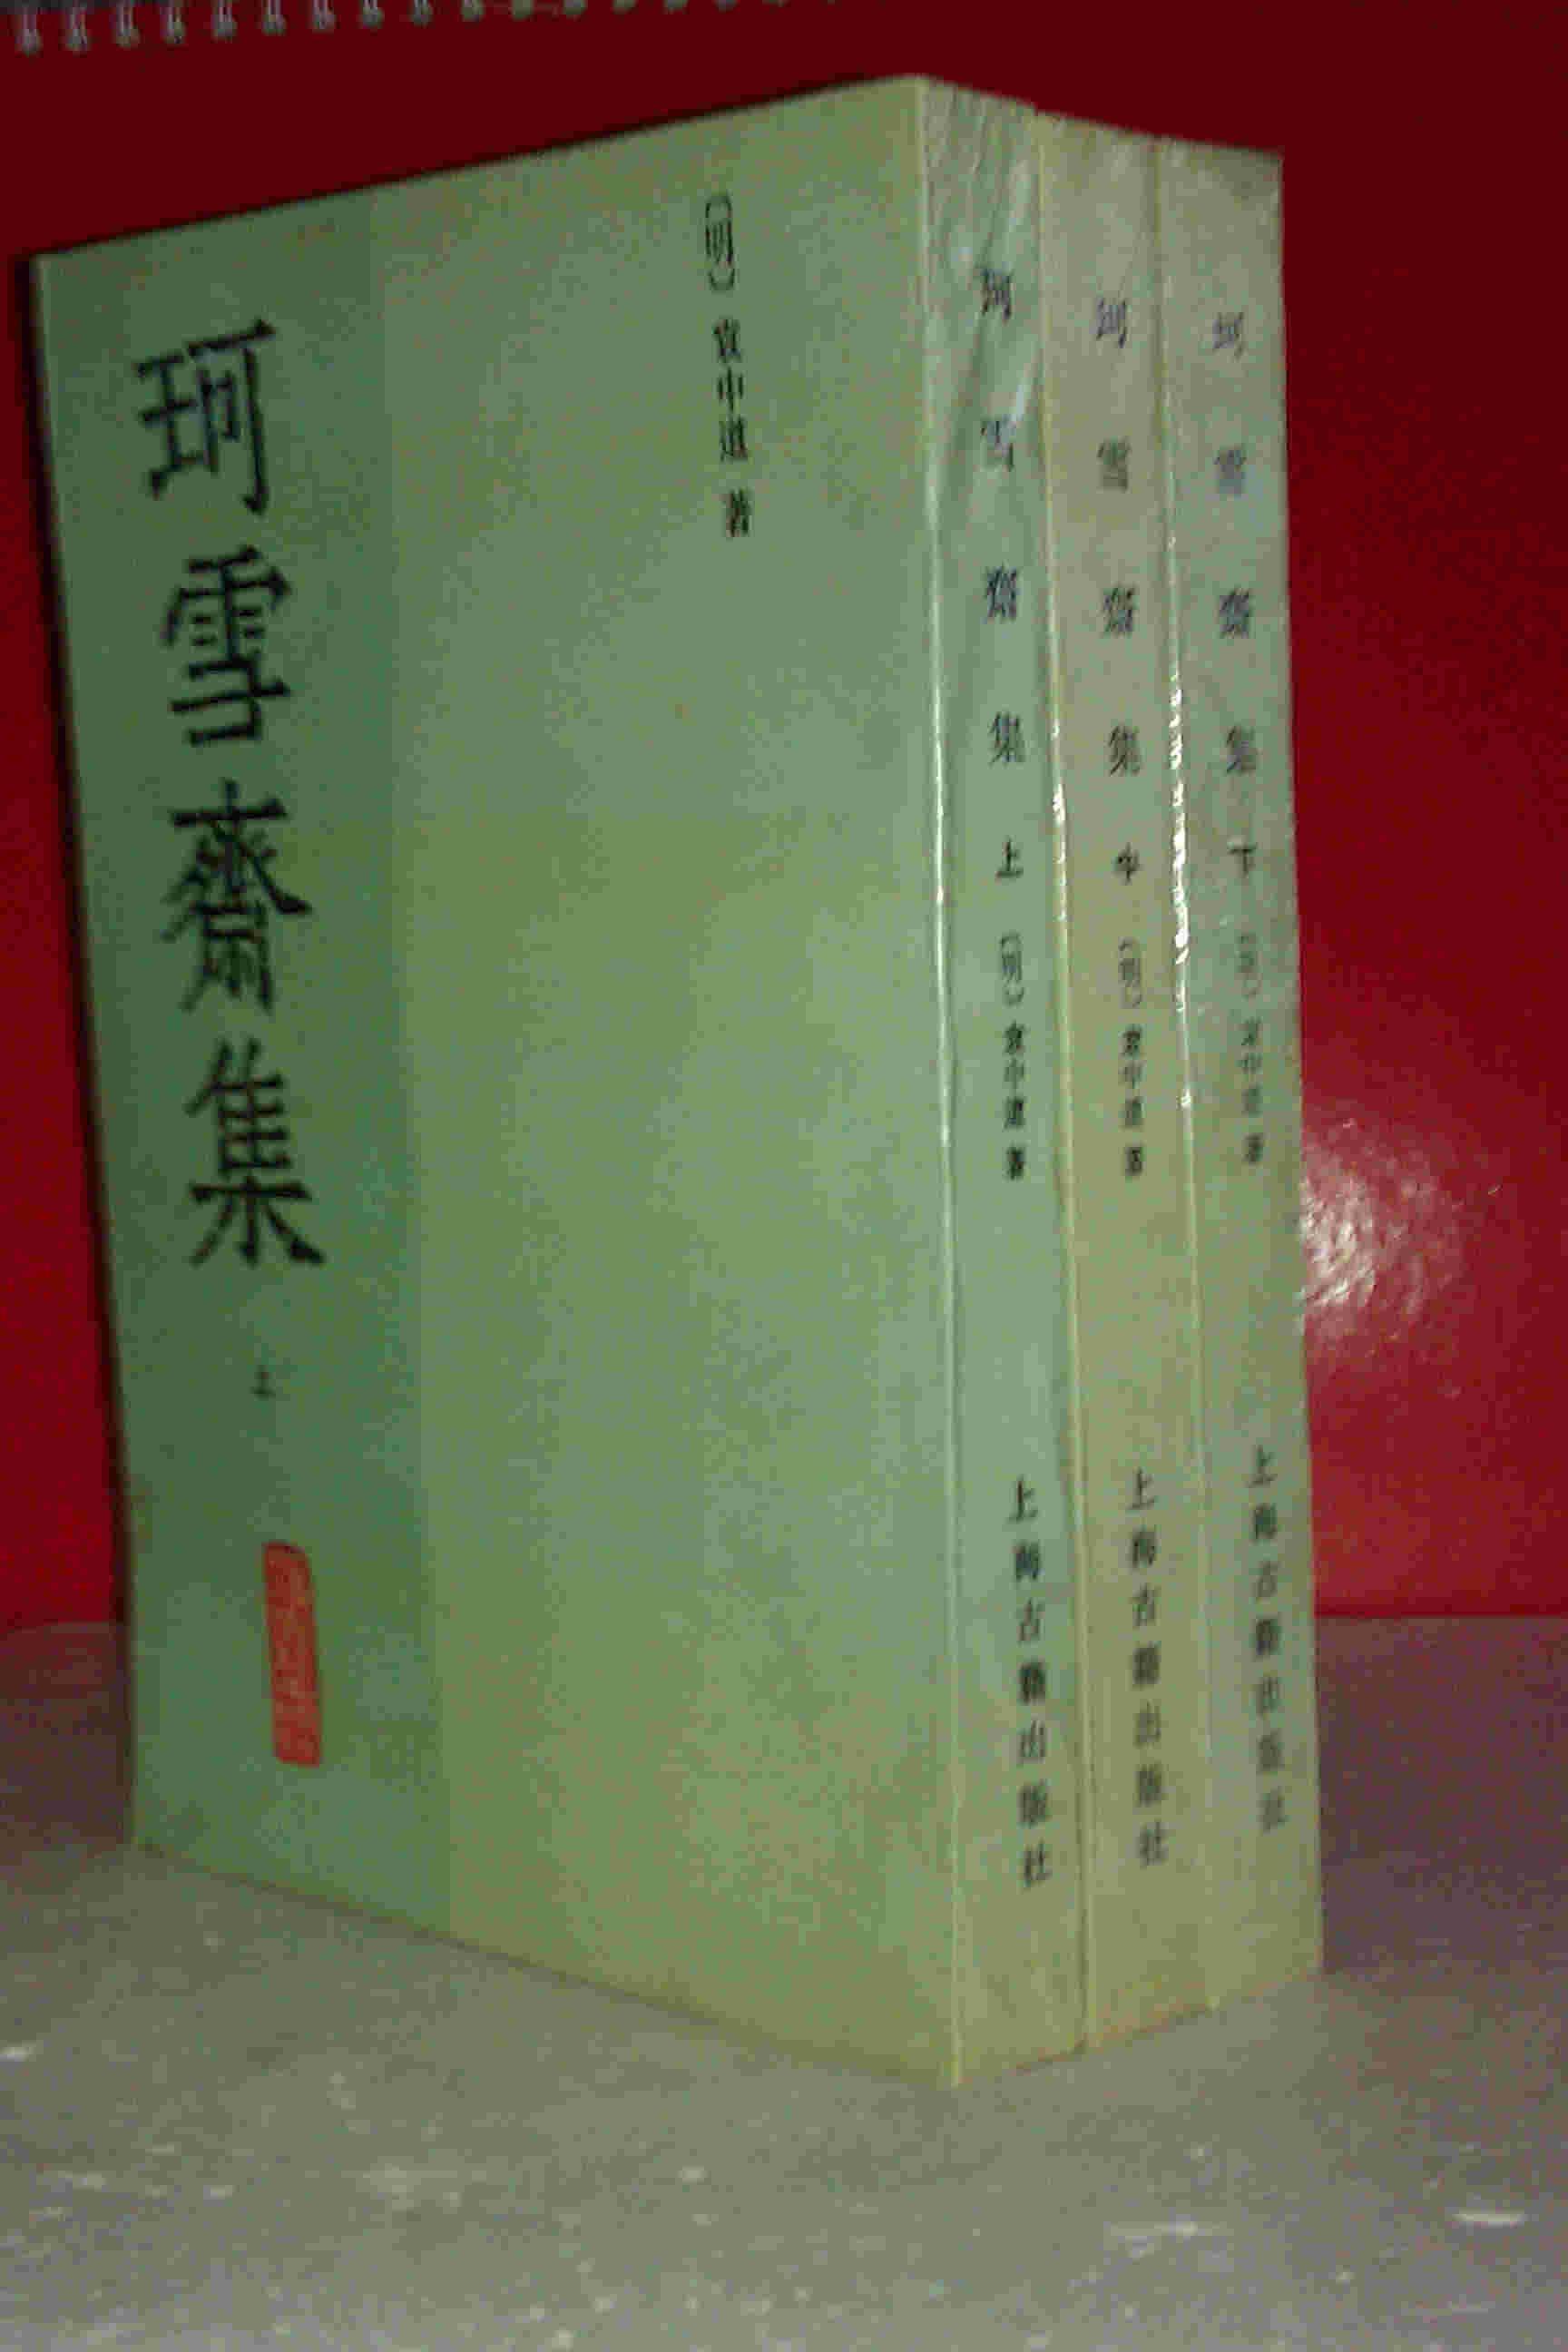 珂雪斋集  上中下三册全  私藏未阅全新  上海古籍出版社一版一印 印数仅1500册